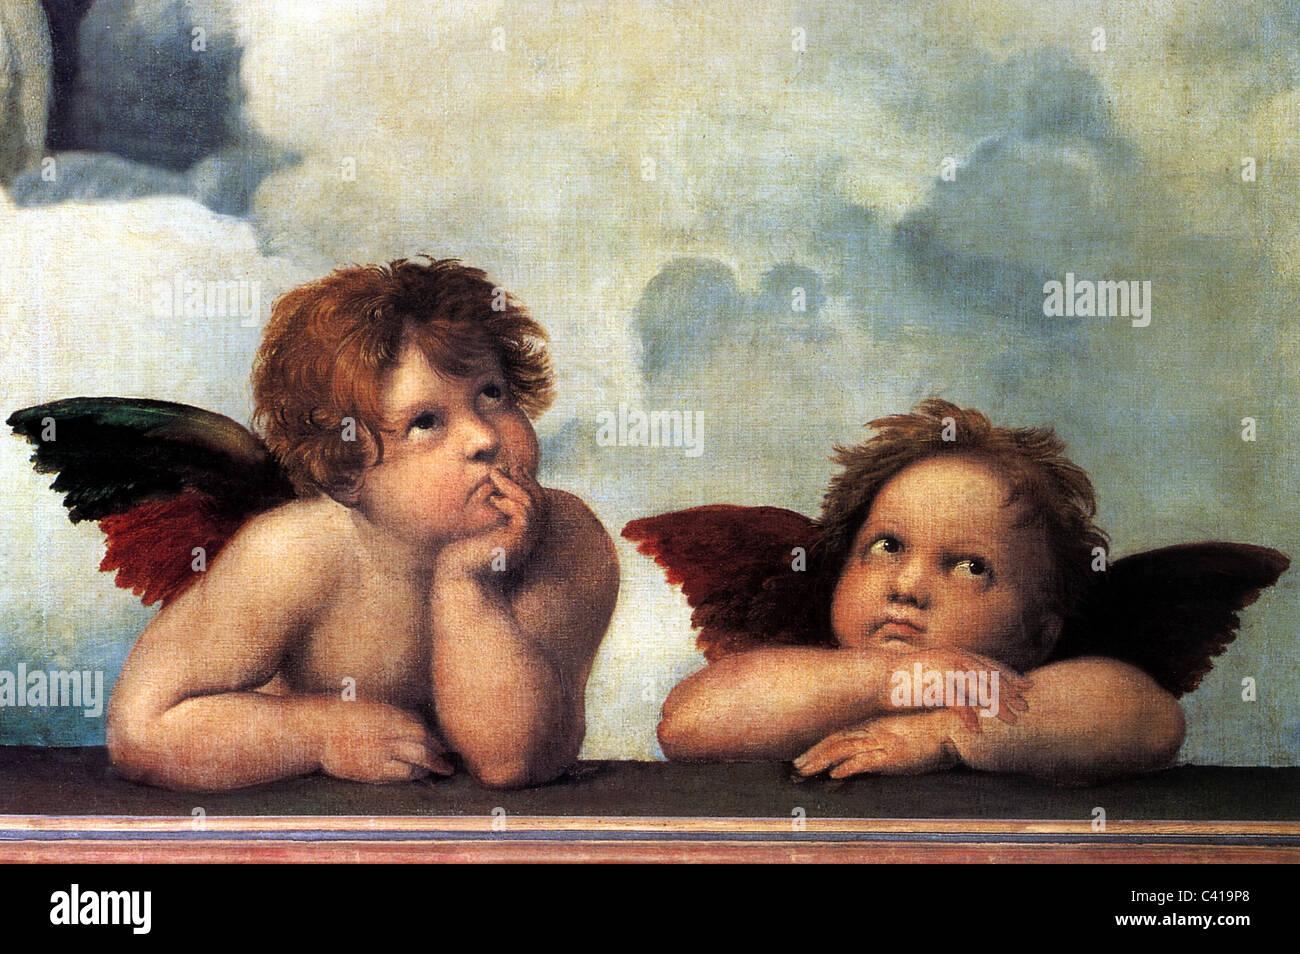 Bellas artes, Rafael, Santi: 'Los Ángeles de la Virgen Sistina', detalle de la pintura 'Virgen Estina', 1512/1513, Gemaeldegalerie Alte Meister, Dresden, Derechos adicionales-Clearences-no disponible Foto de stock